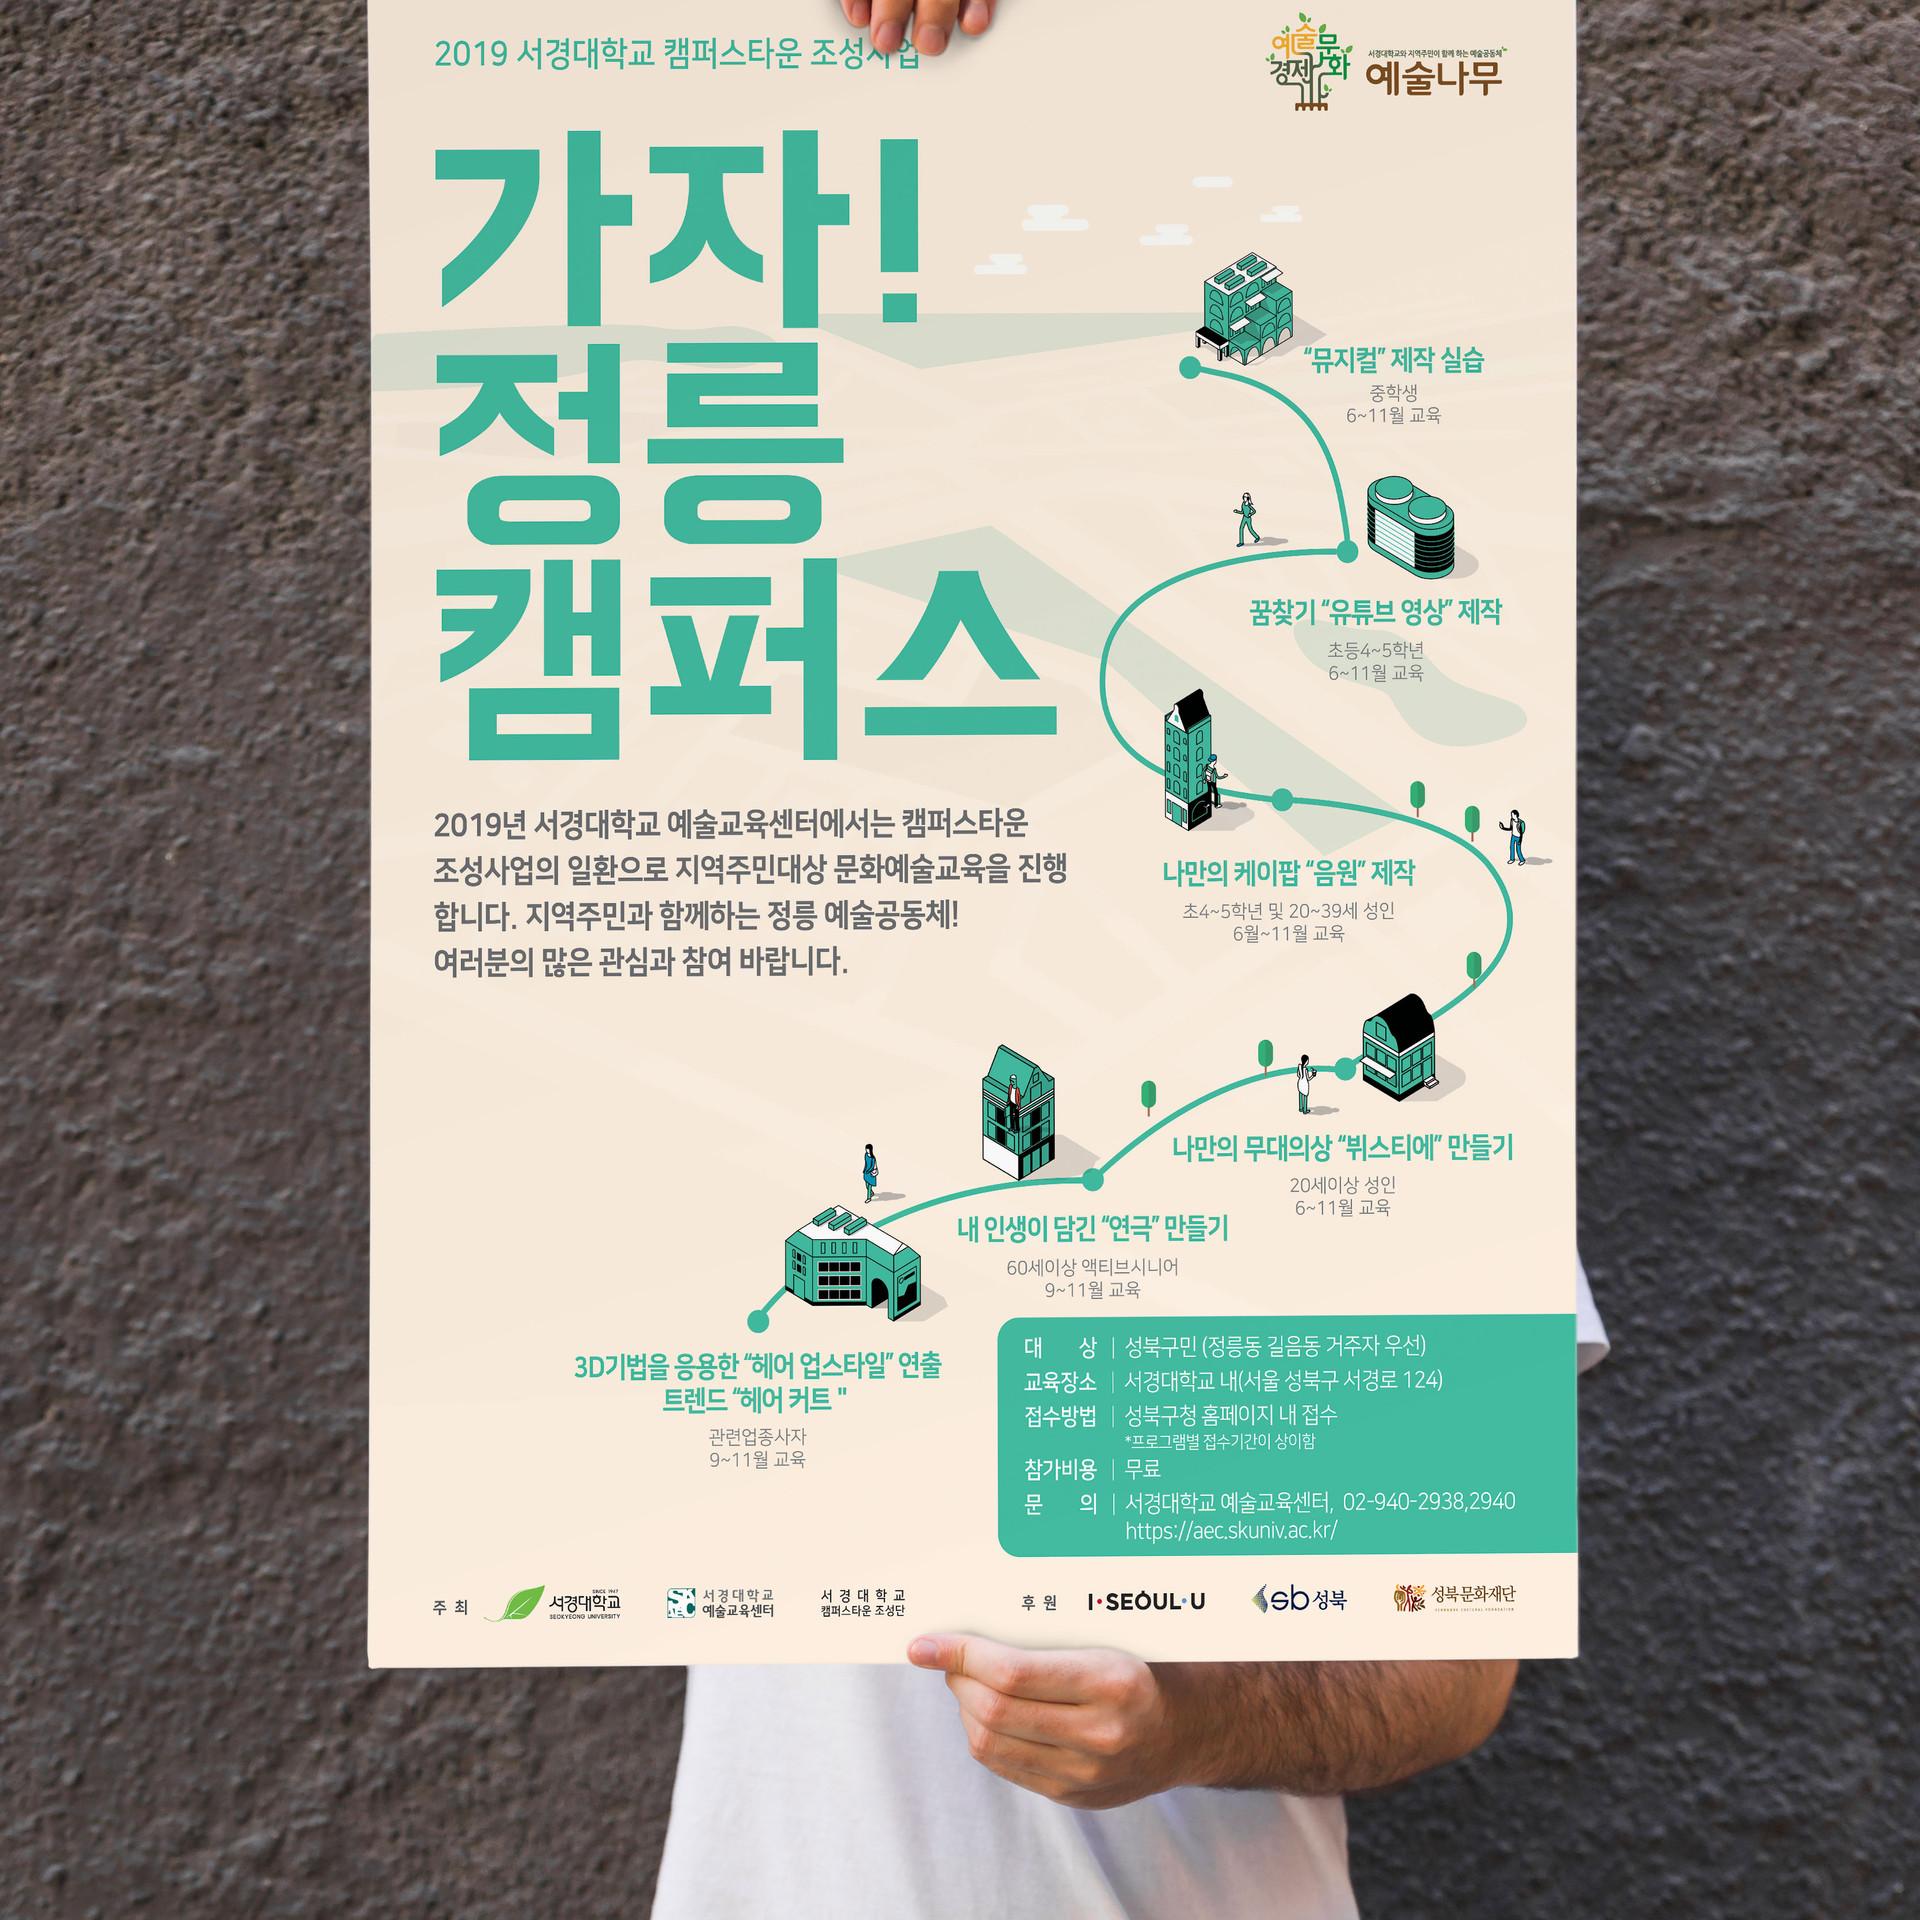 픽토 서경대산학협력 예술나무 포스터디자인 가자정릉캠퍼스.jpg